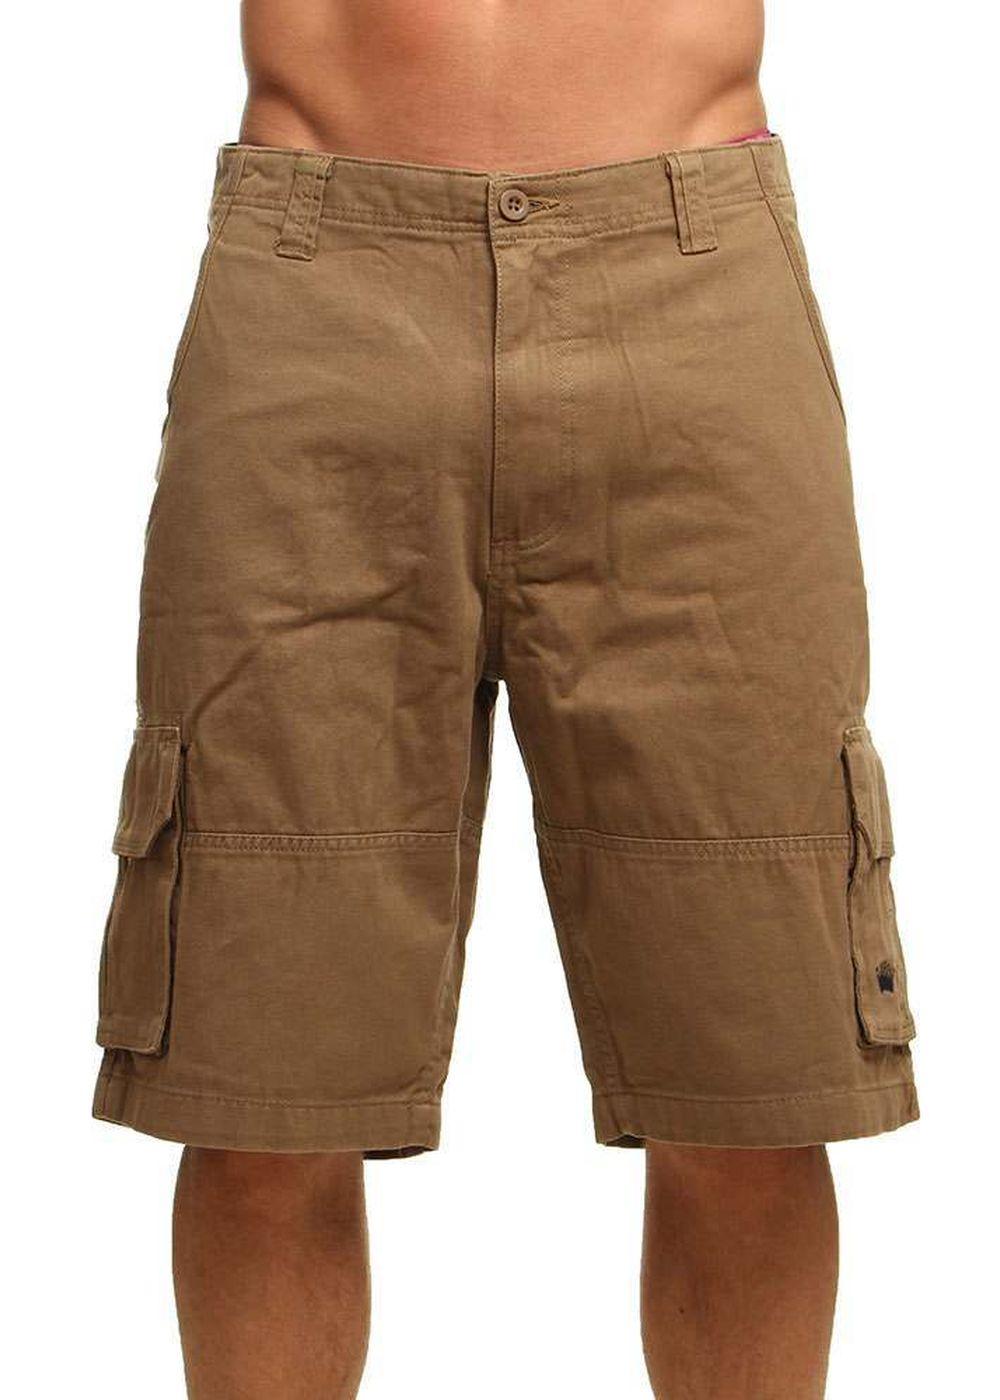 old-guys-rule-walk-shorts-khaki